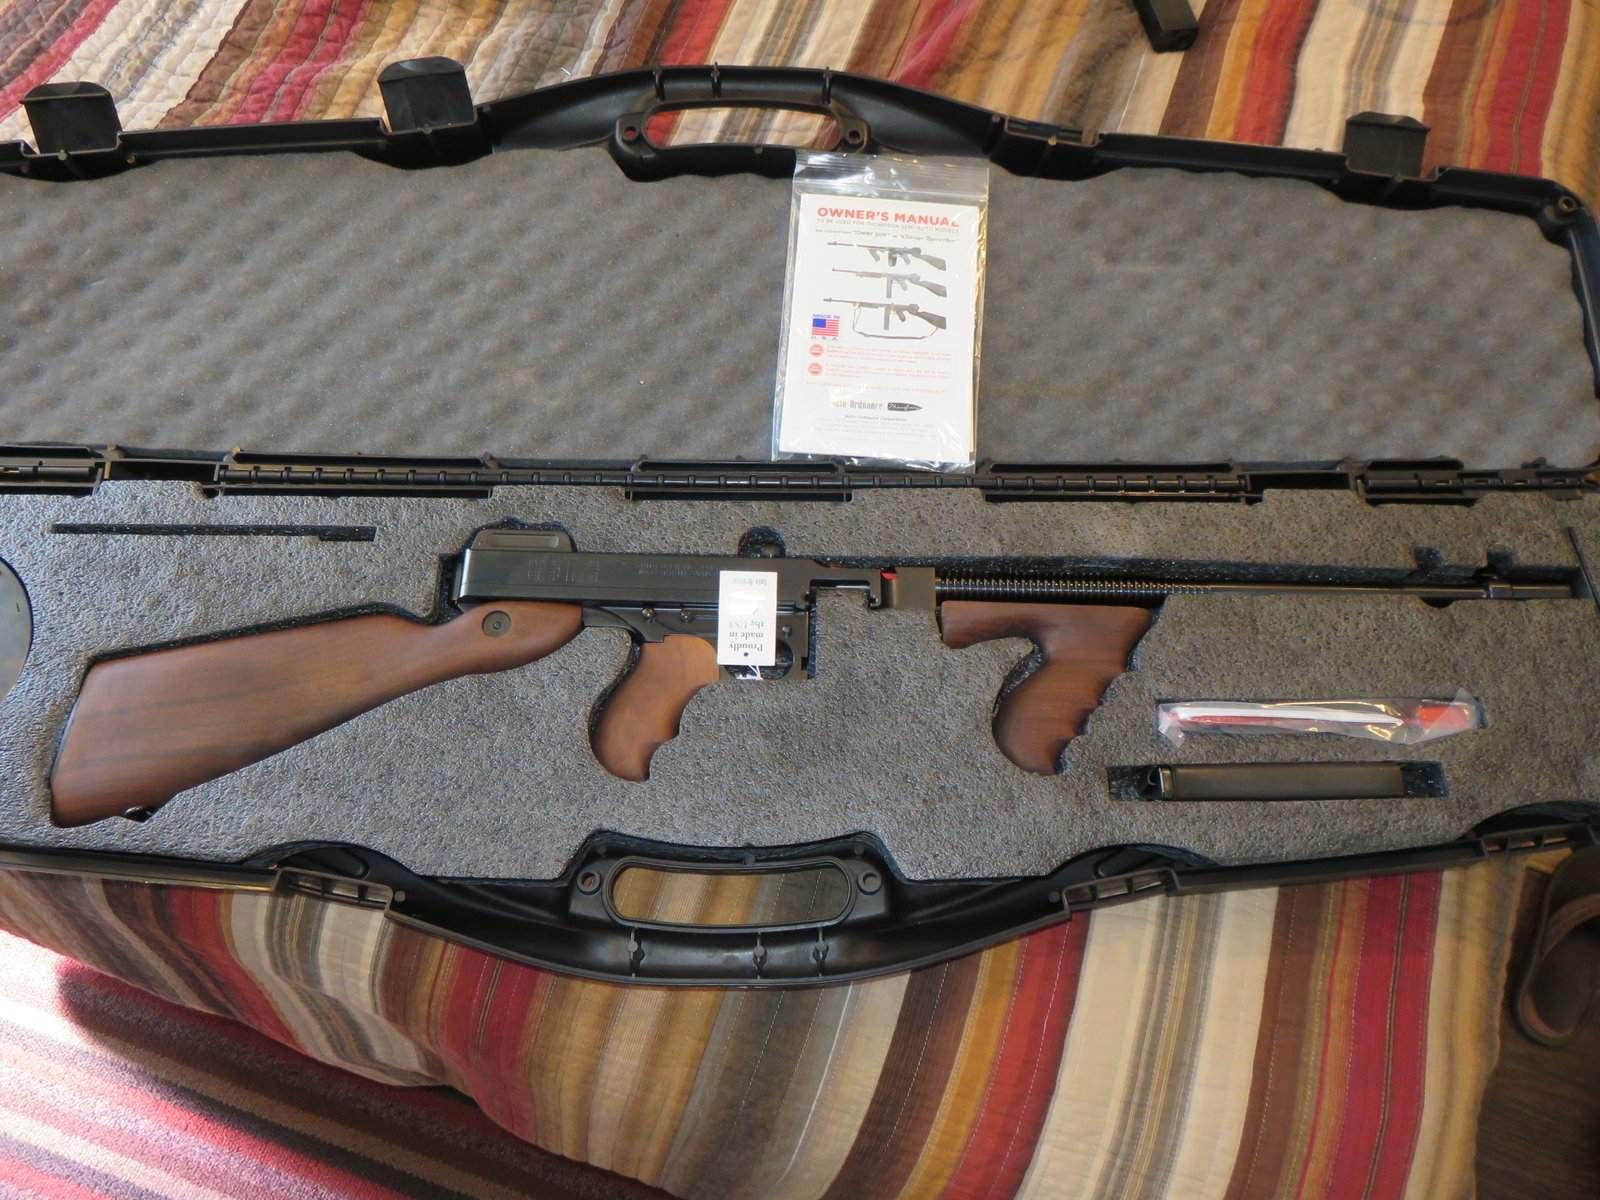 WTS WA - Auto Ordnance Thompson 1927a1 w/Violin Case, 50rd